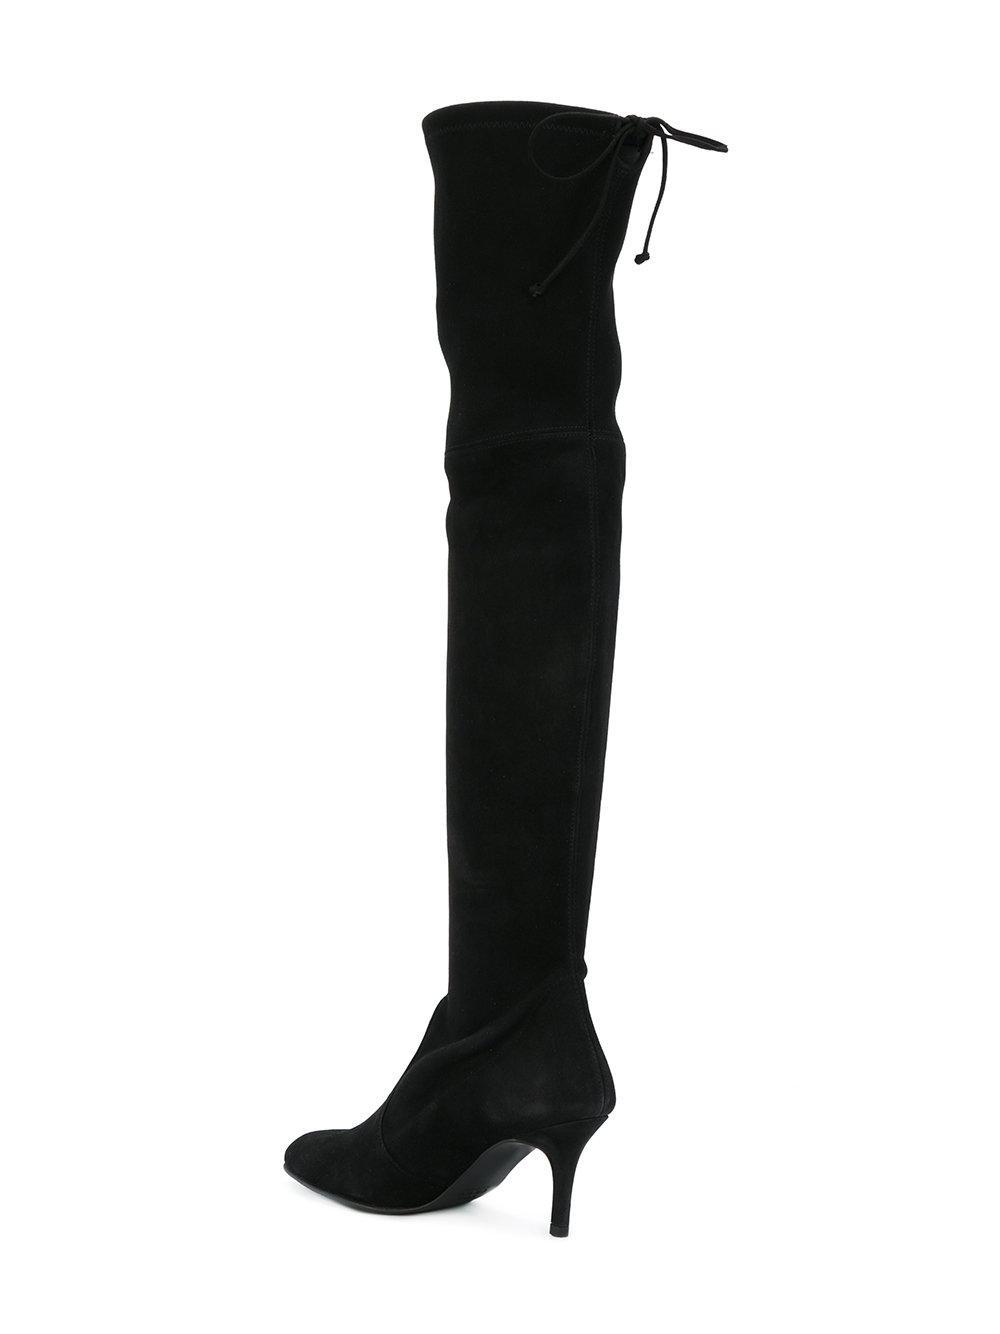 Stuart Weitzman Eloise knee length boots - Black farfetch neri Camoscio Barato 2018 Nueva Precio De Fábrica Venta De Descuento En Línea Sneakernews En Venta Je1k2Mw